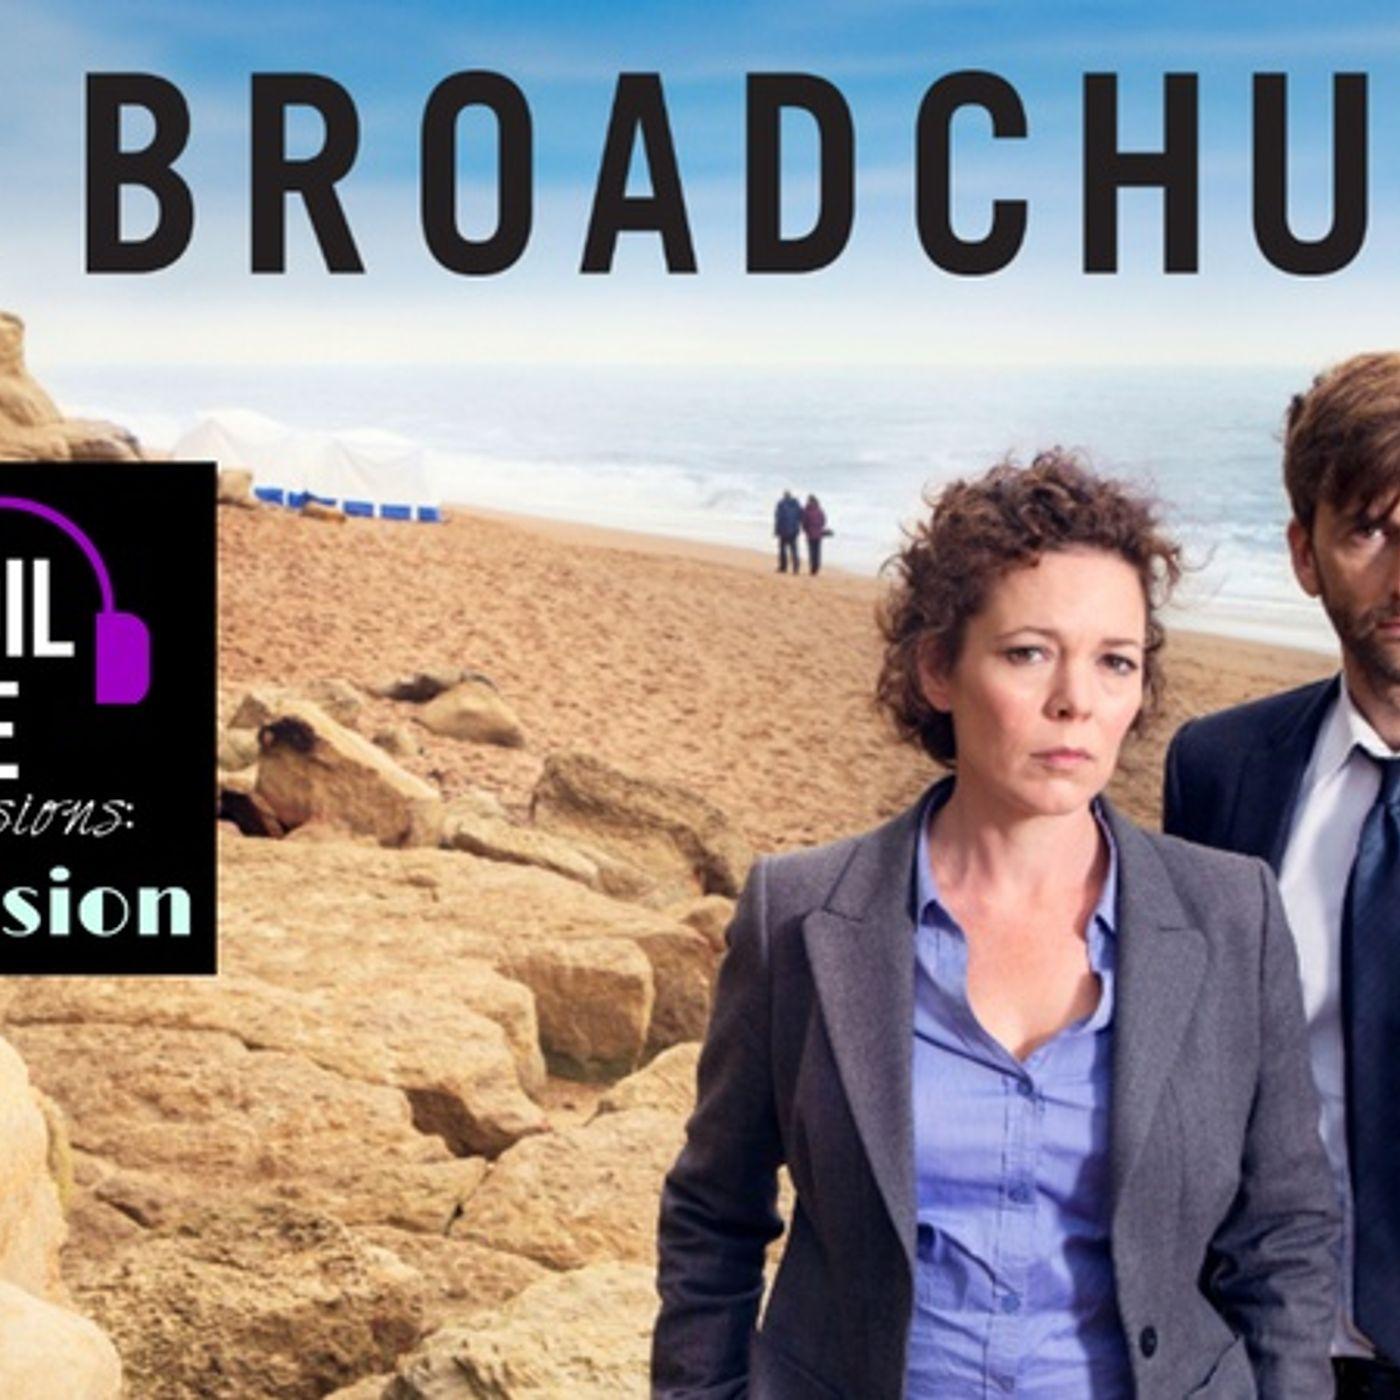 Broadchuch, S02E08